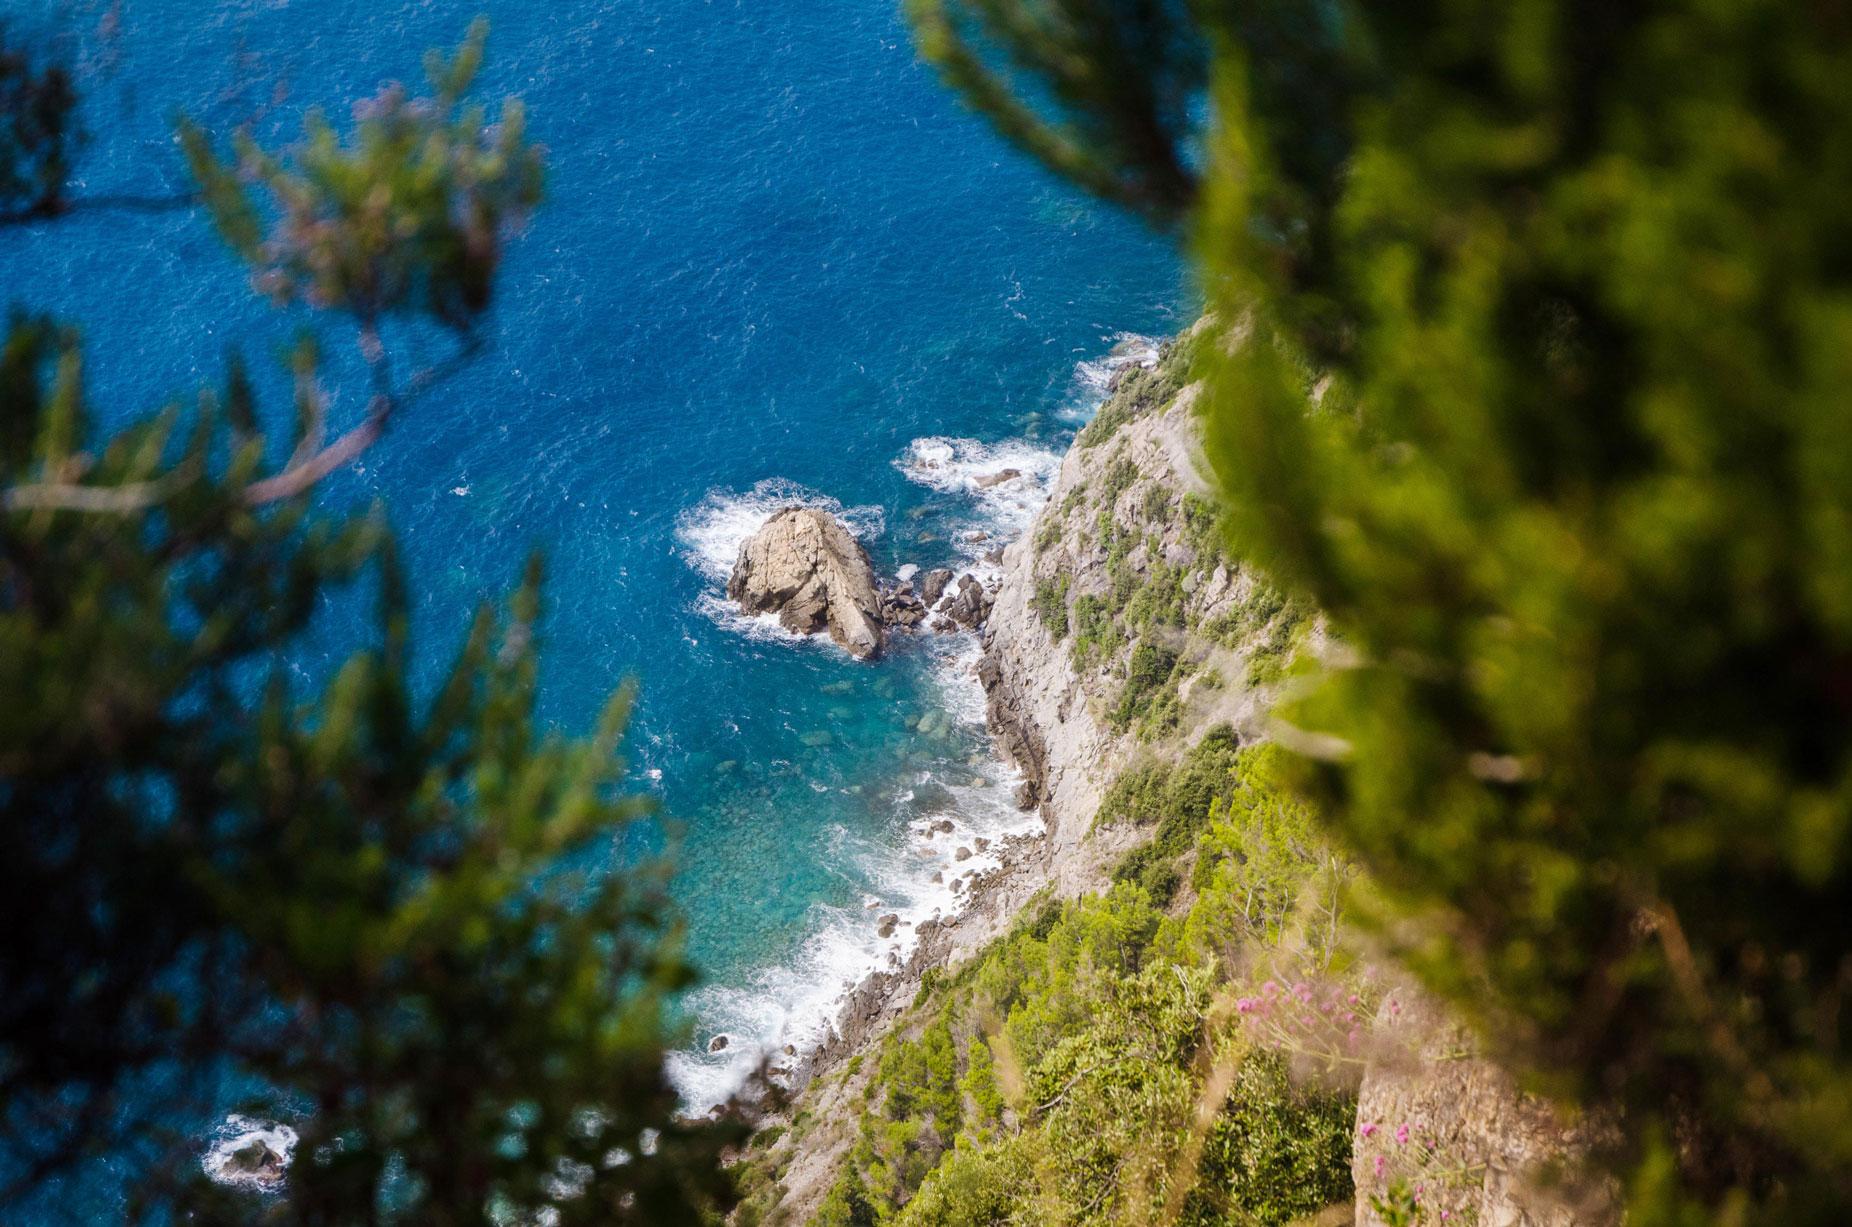 Paesaggi-Italia - Levanto Verso Monterosso Camminata Cinque Terre - Levanto-Verso-Monterosso-Camminata-Cinque-Terre -